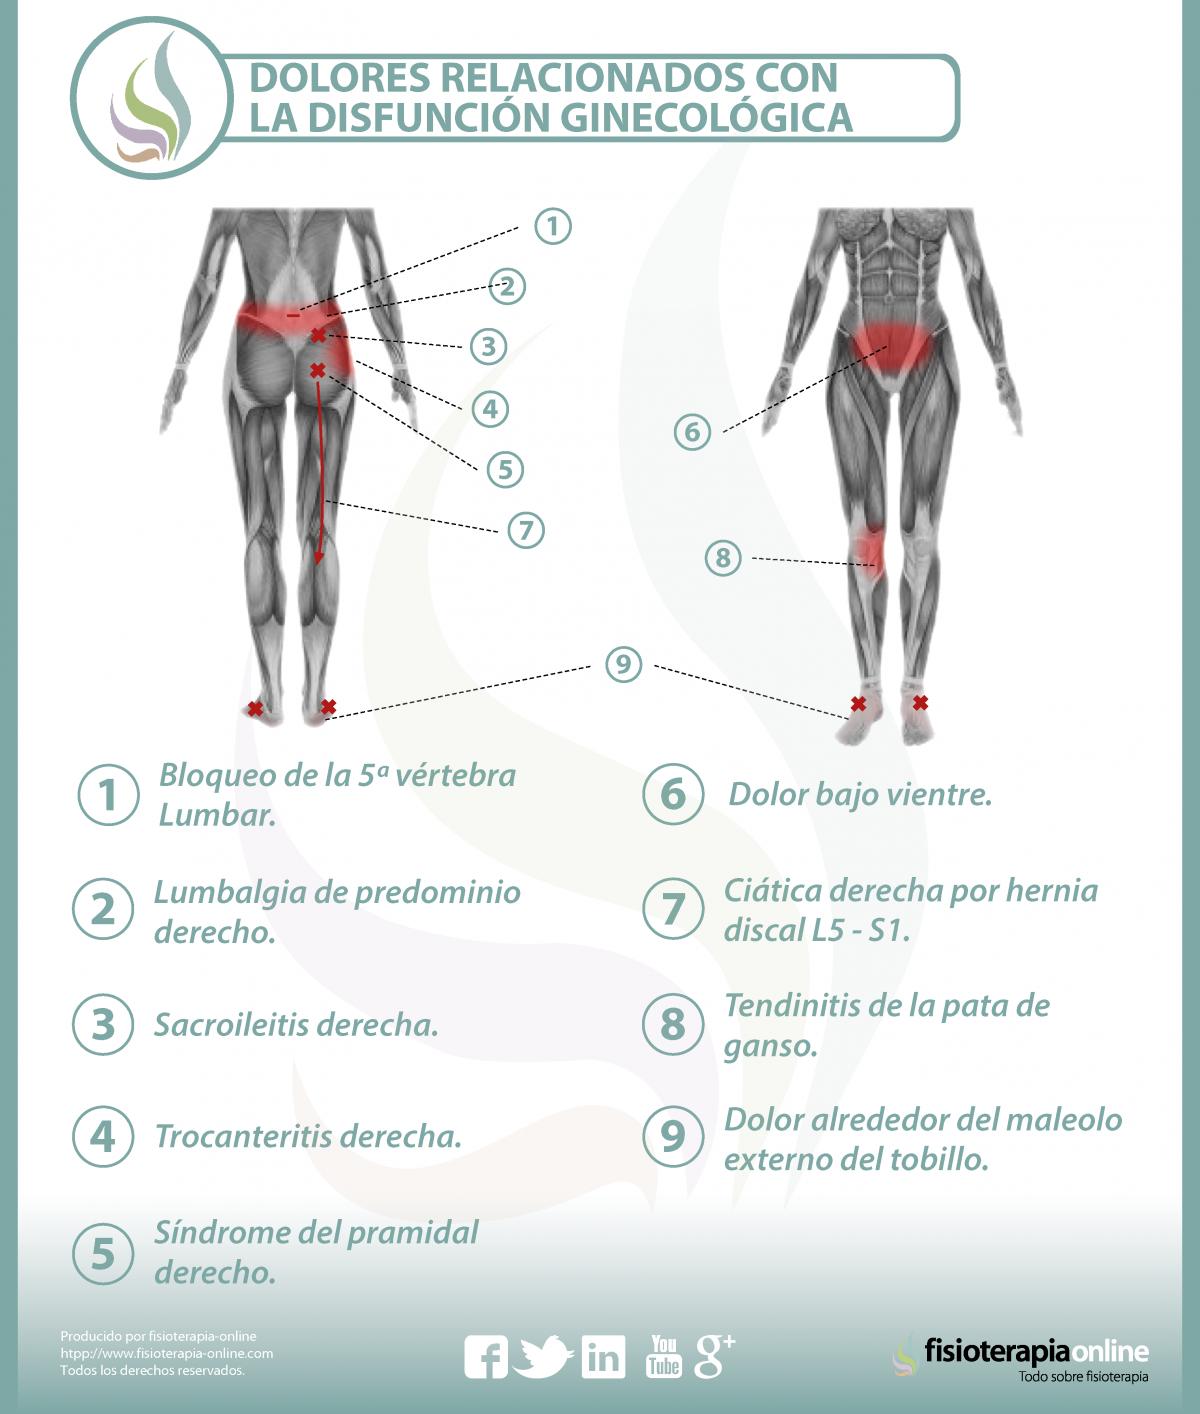 Espalda dolor de la endometriosis causa